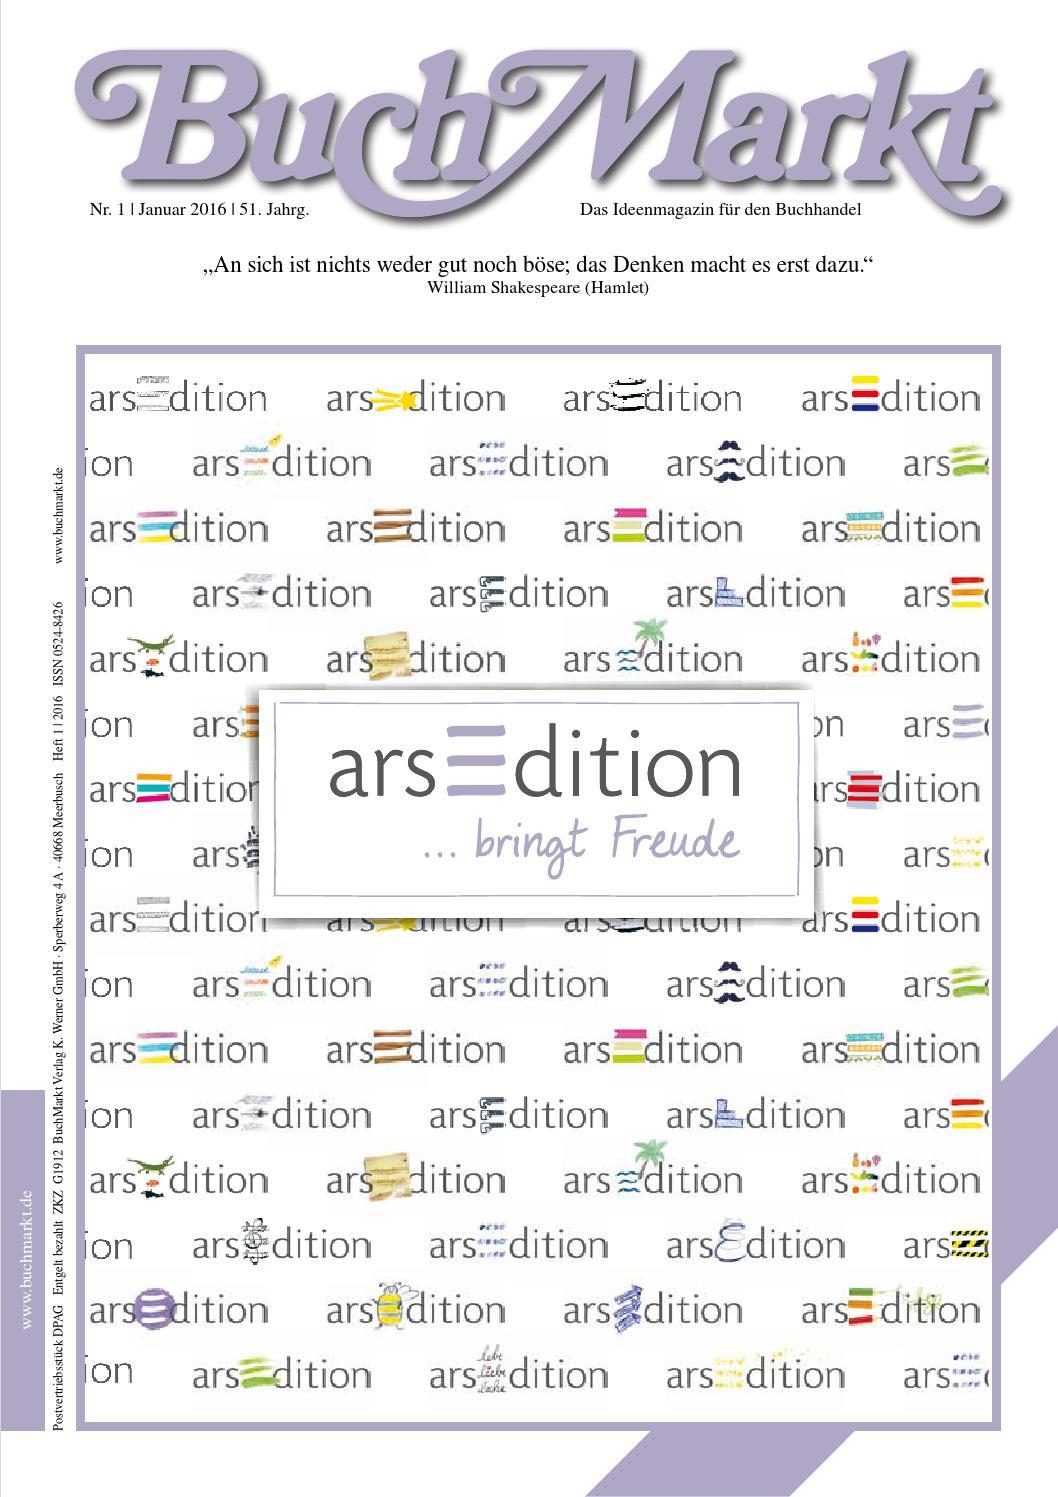 Buchmarkt Leseprobe Verlagsanzeigen 01 2016 By Buchmarkt Issuu